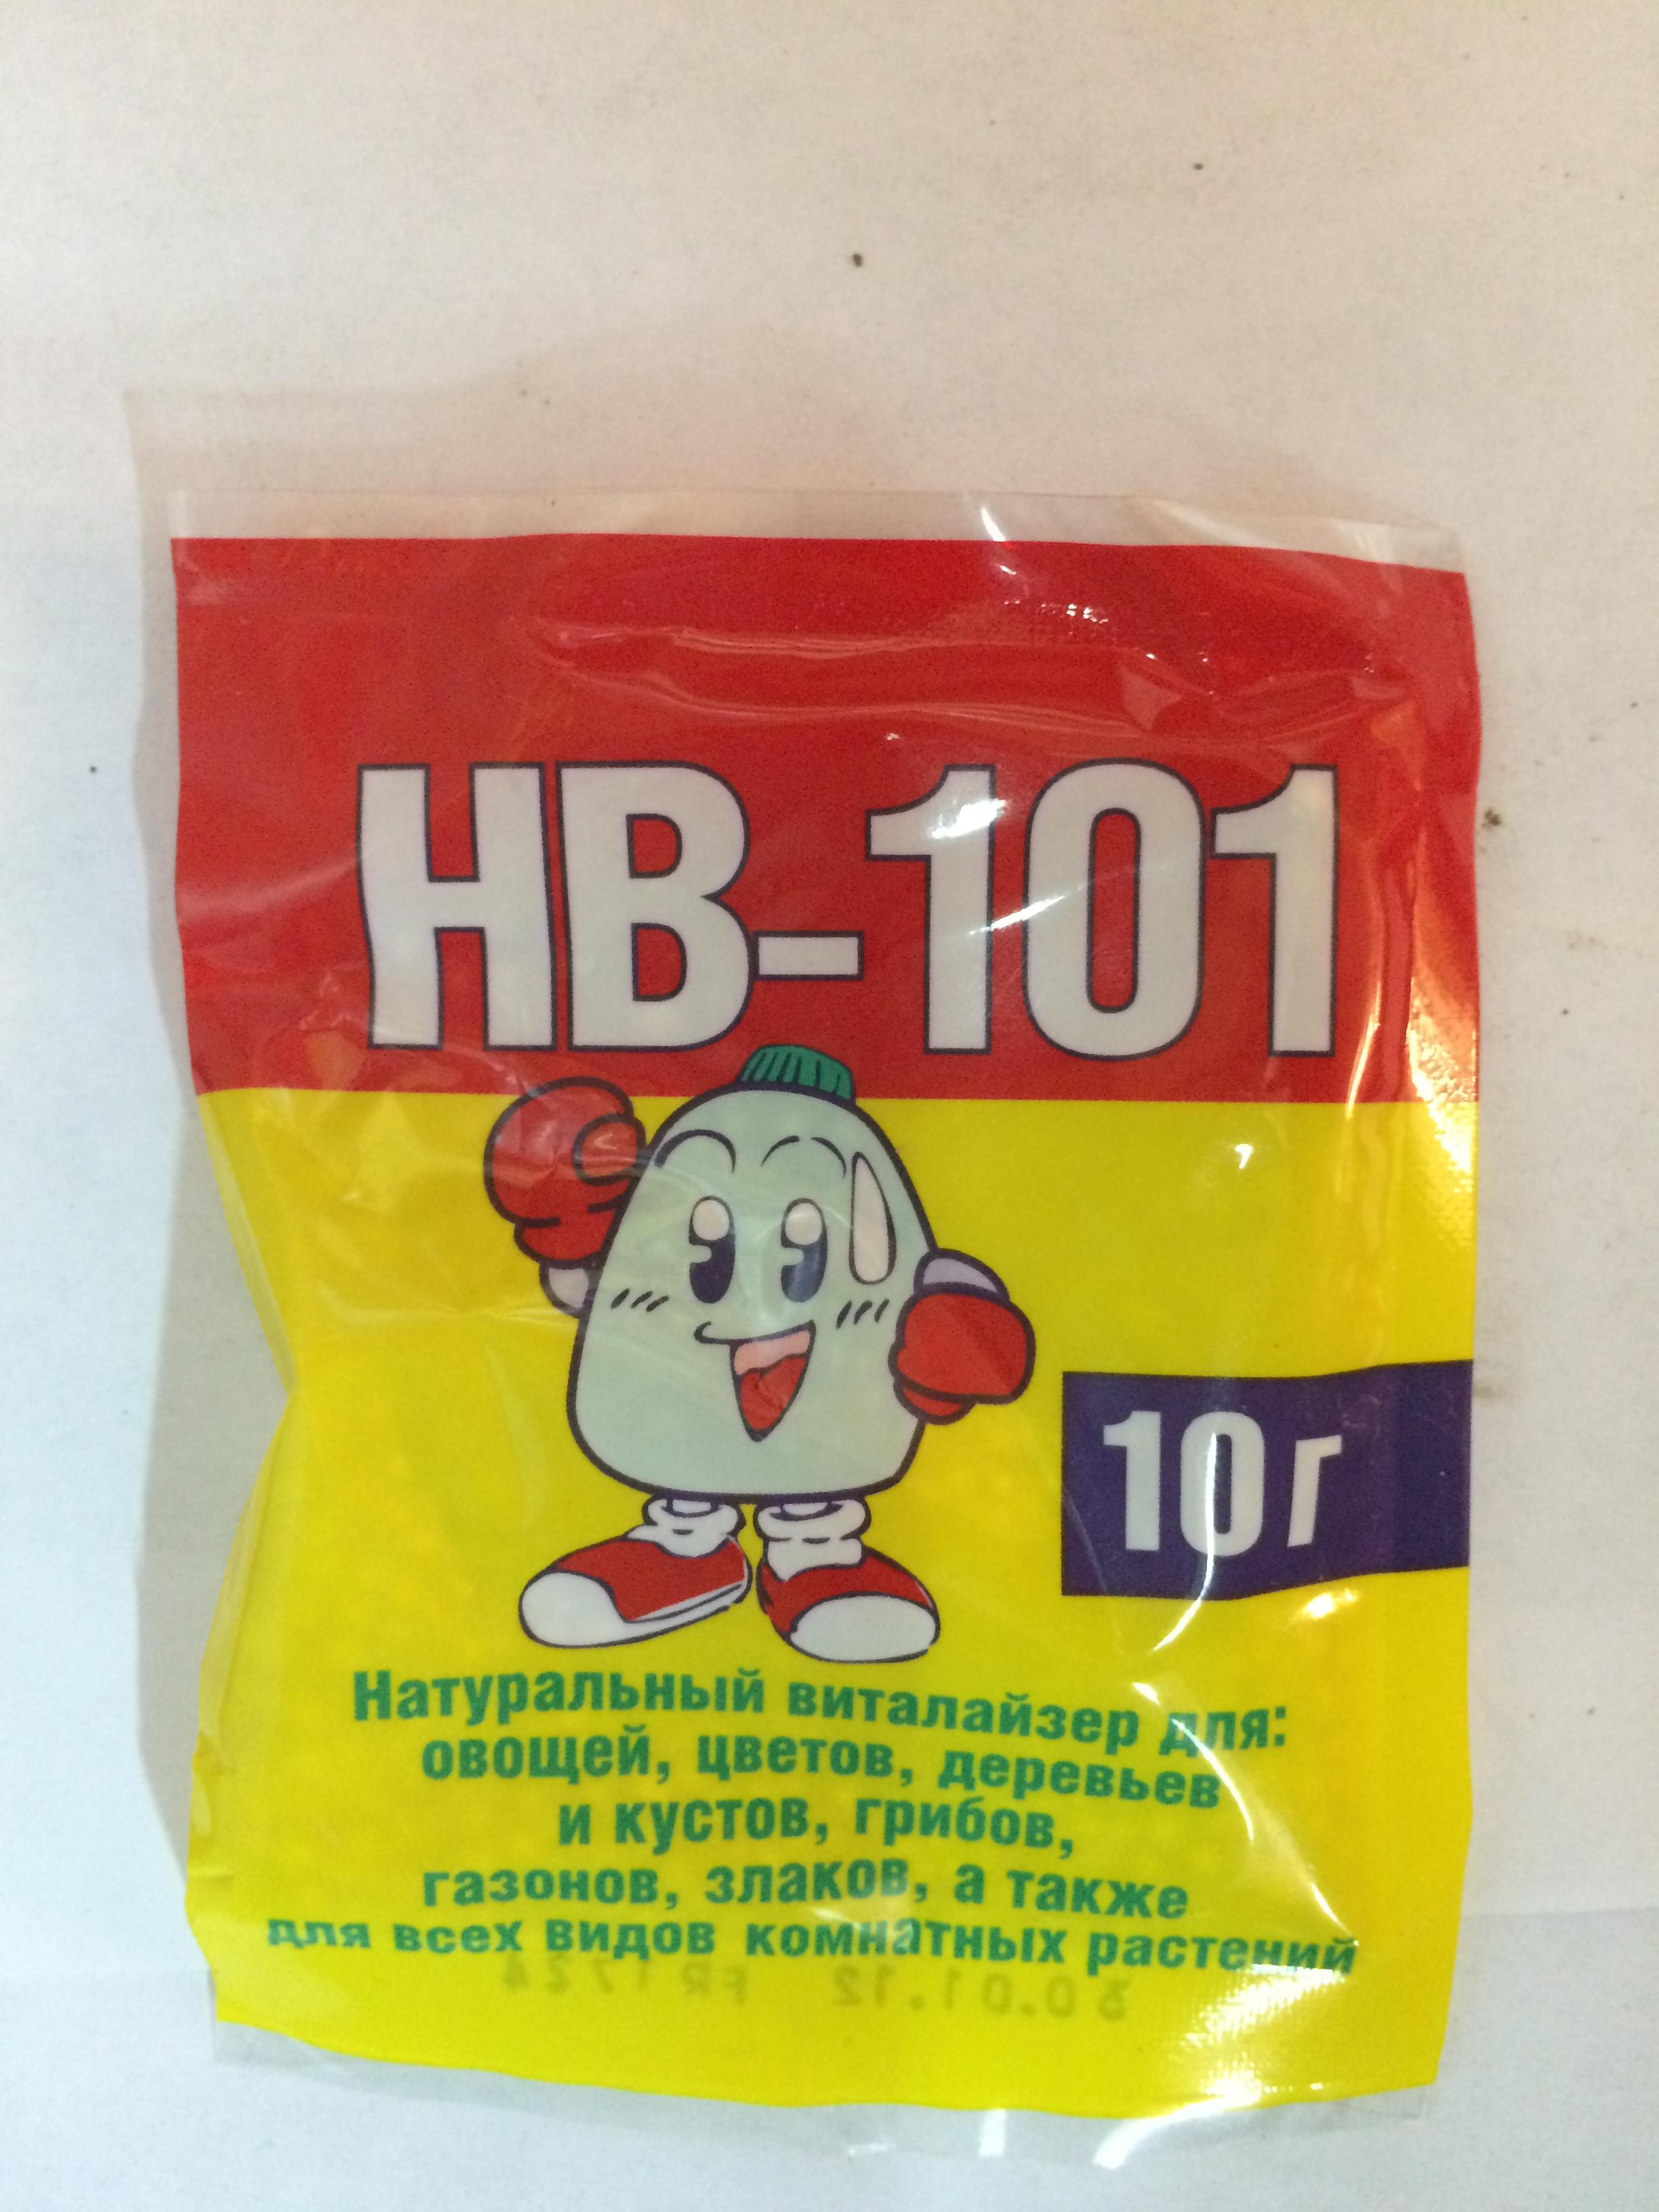 hb-101-10-g